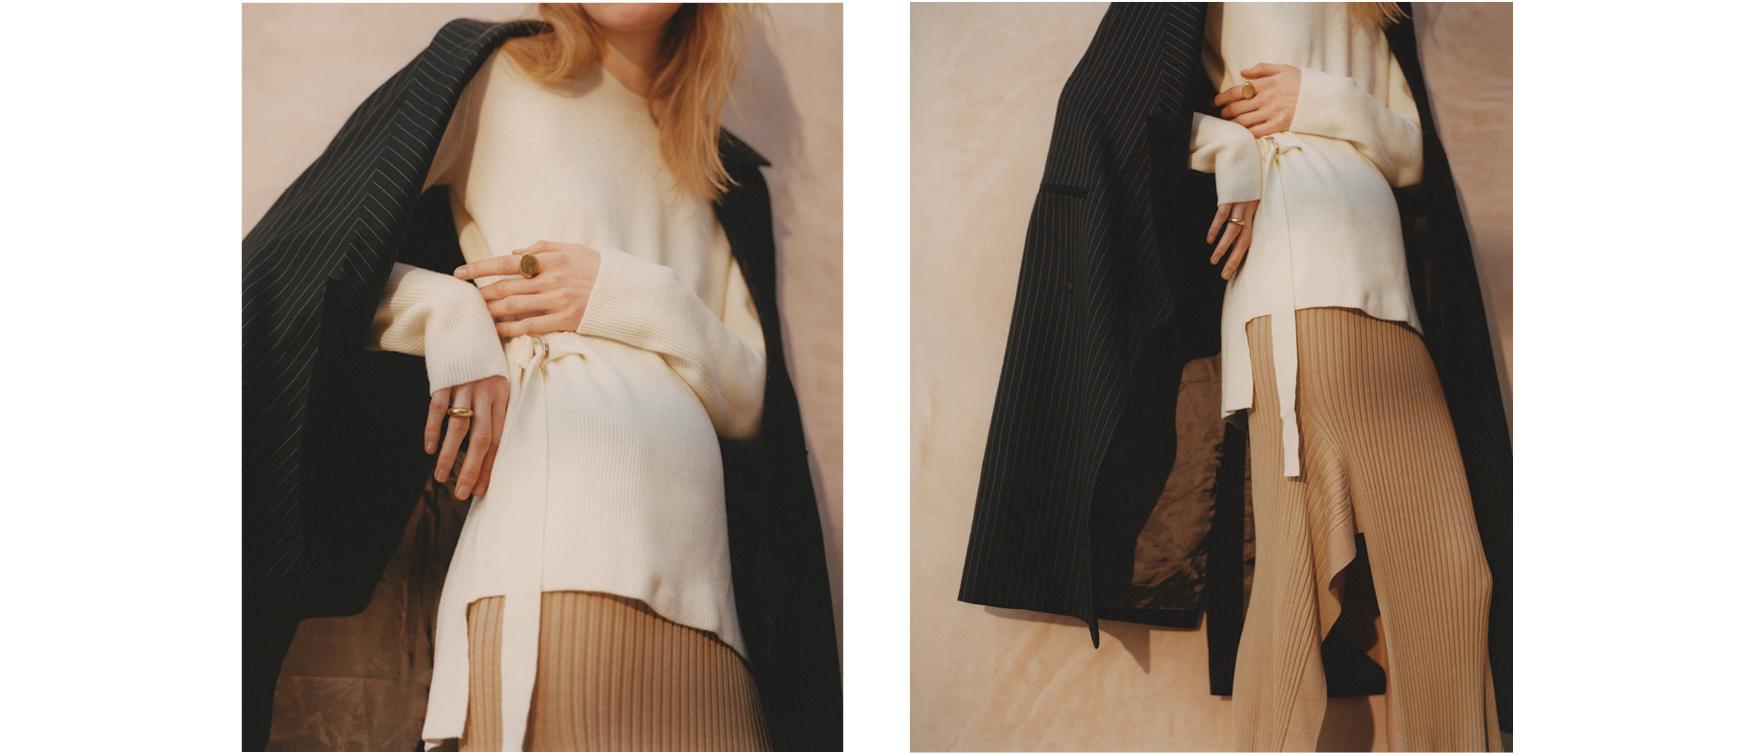 Lissome-Jack-Johnstone-Sustainable-Fashion4.jpg